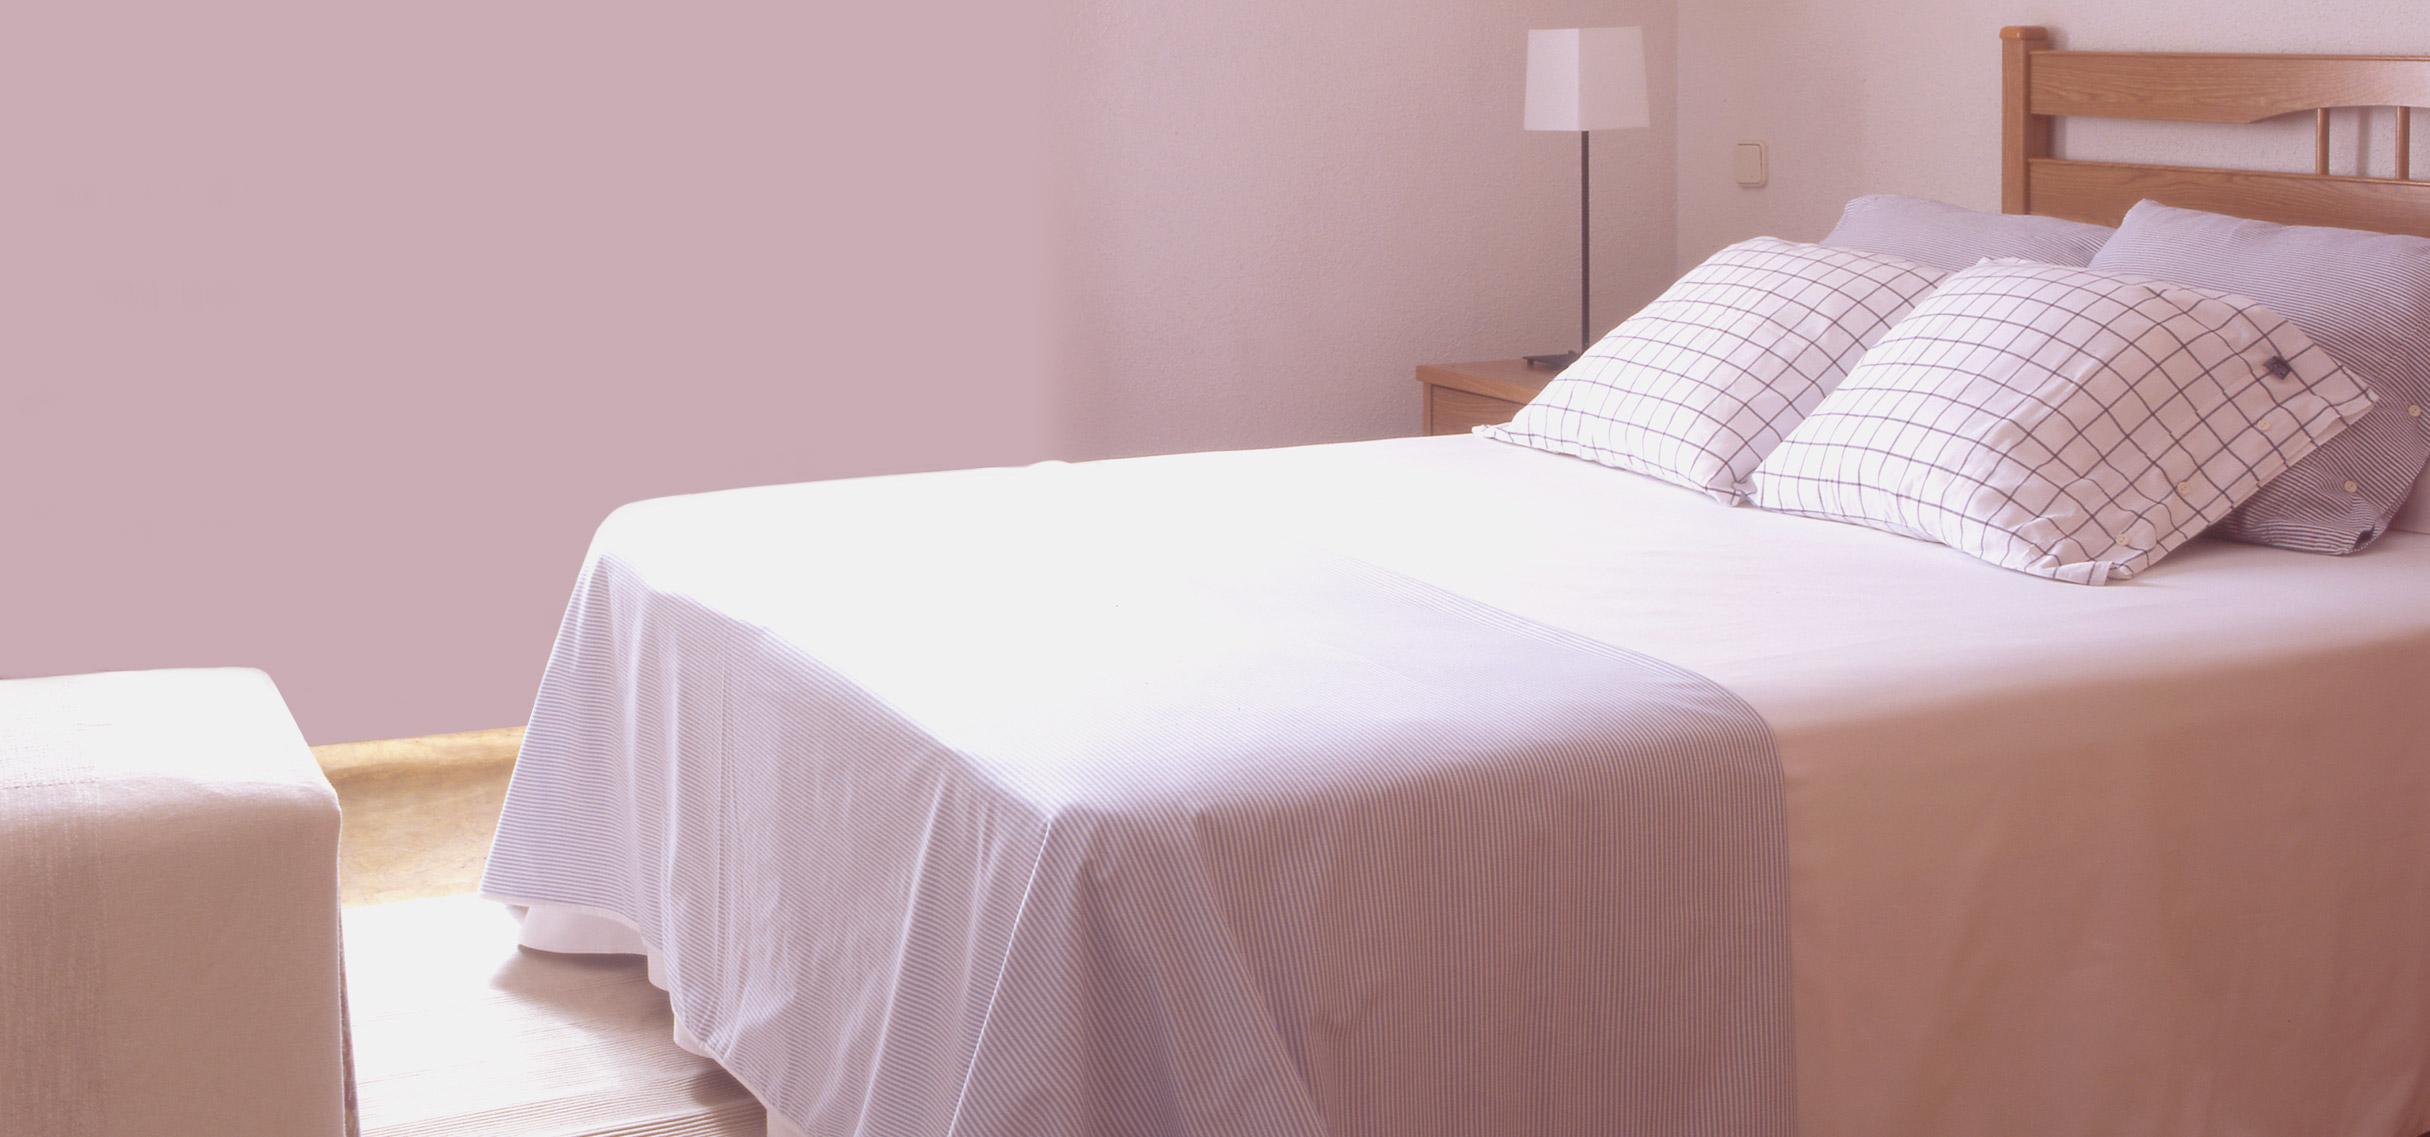 Piso de alquiler por meses o temporal en madrid hortaleza - Alquiler piso amorebieta ...